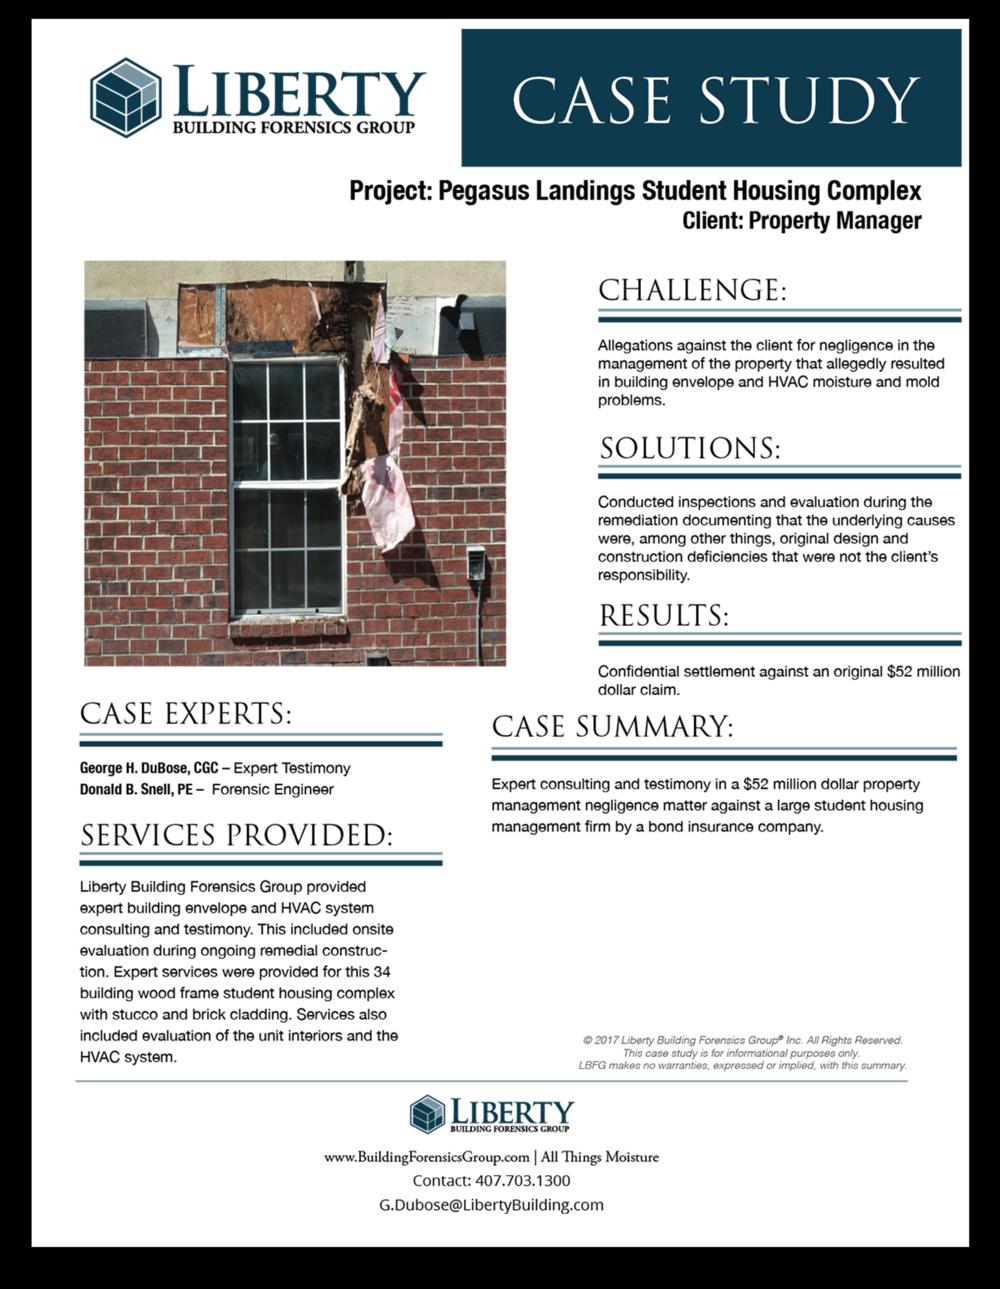 Case Study - Pegasus Landing 201704@2x.png